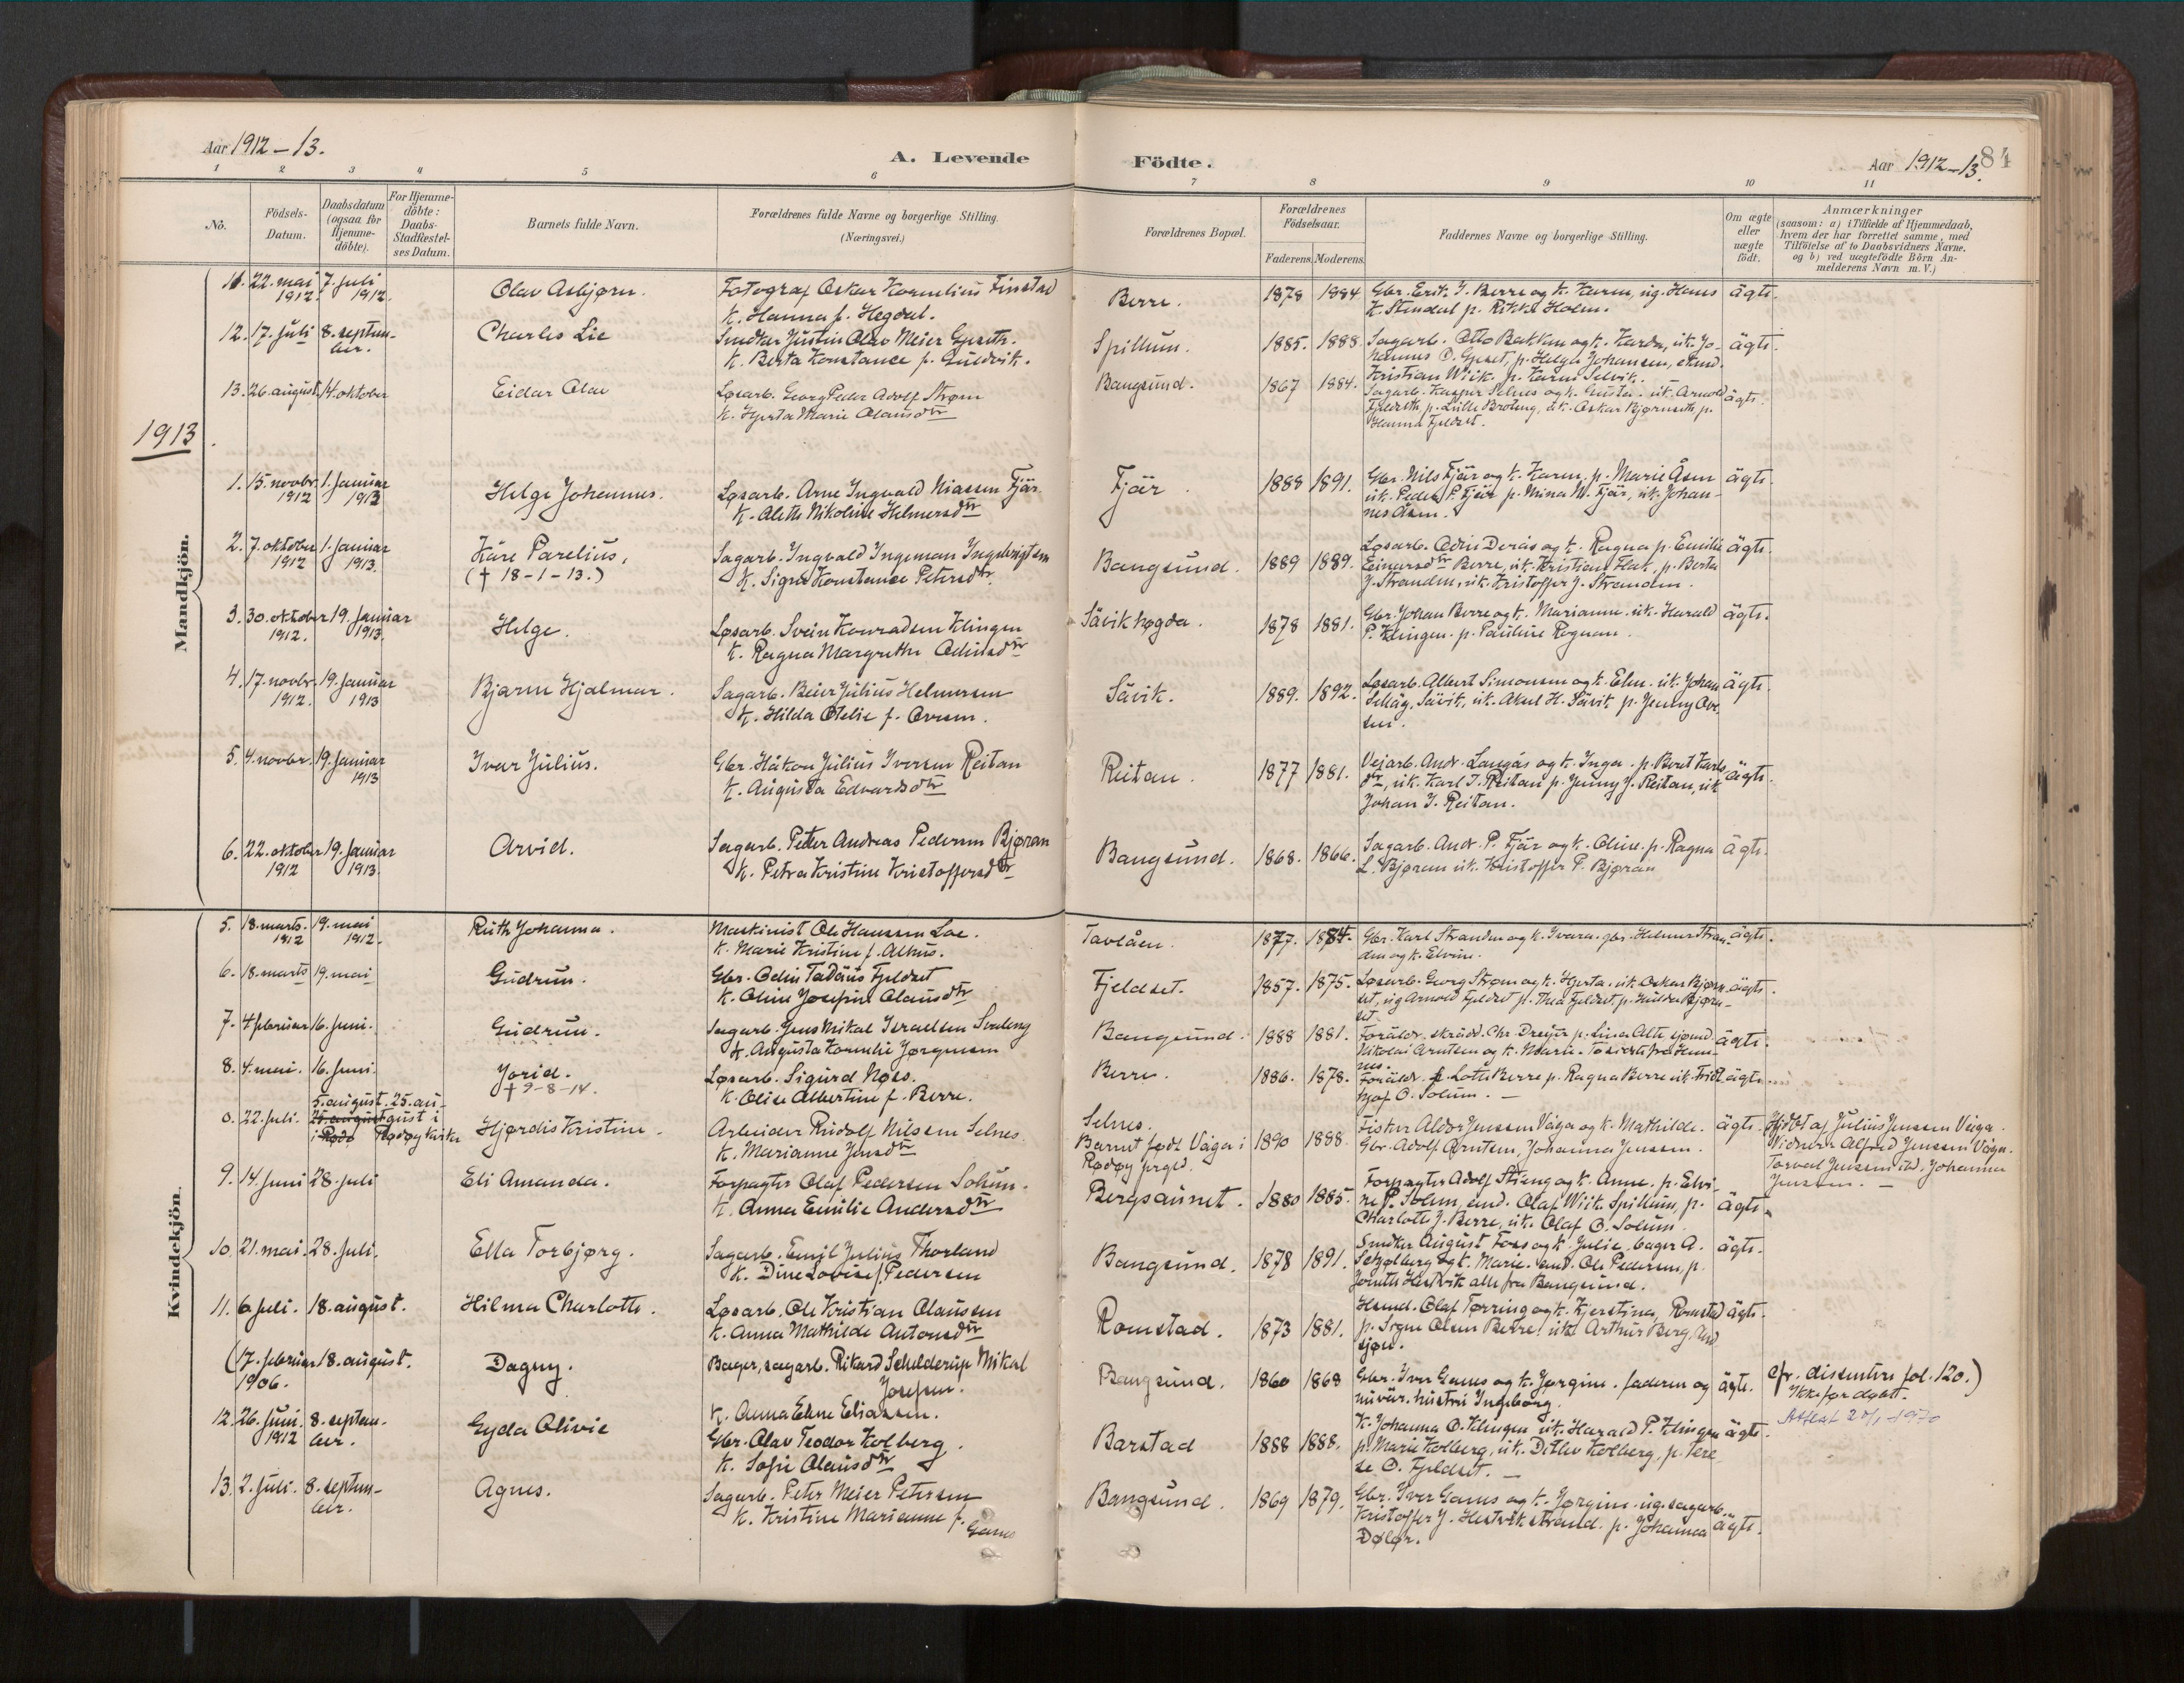 SAT, Ministerialprotokoller, klokkerbøker og fødselsregistre - Nord-Trøndelag, 770/L0589: Ministerialbok nr. 770A03, 1887-1929, s. 84